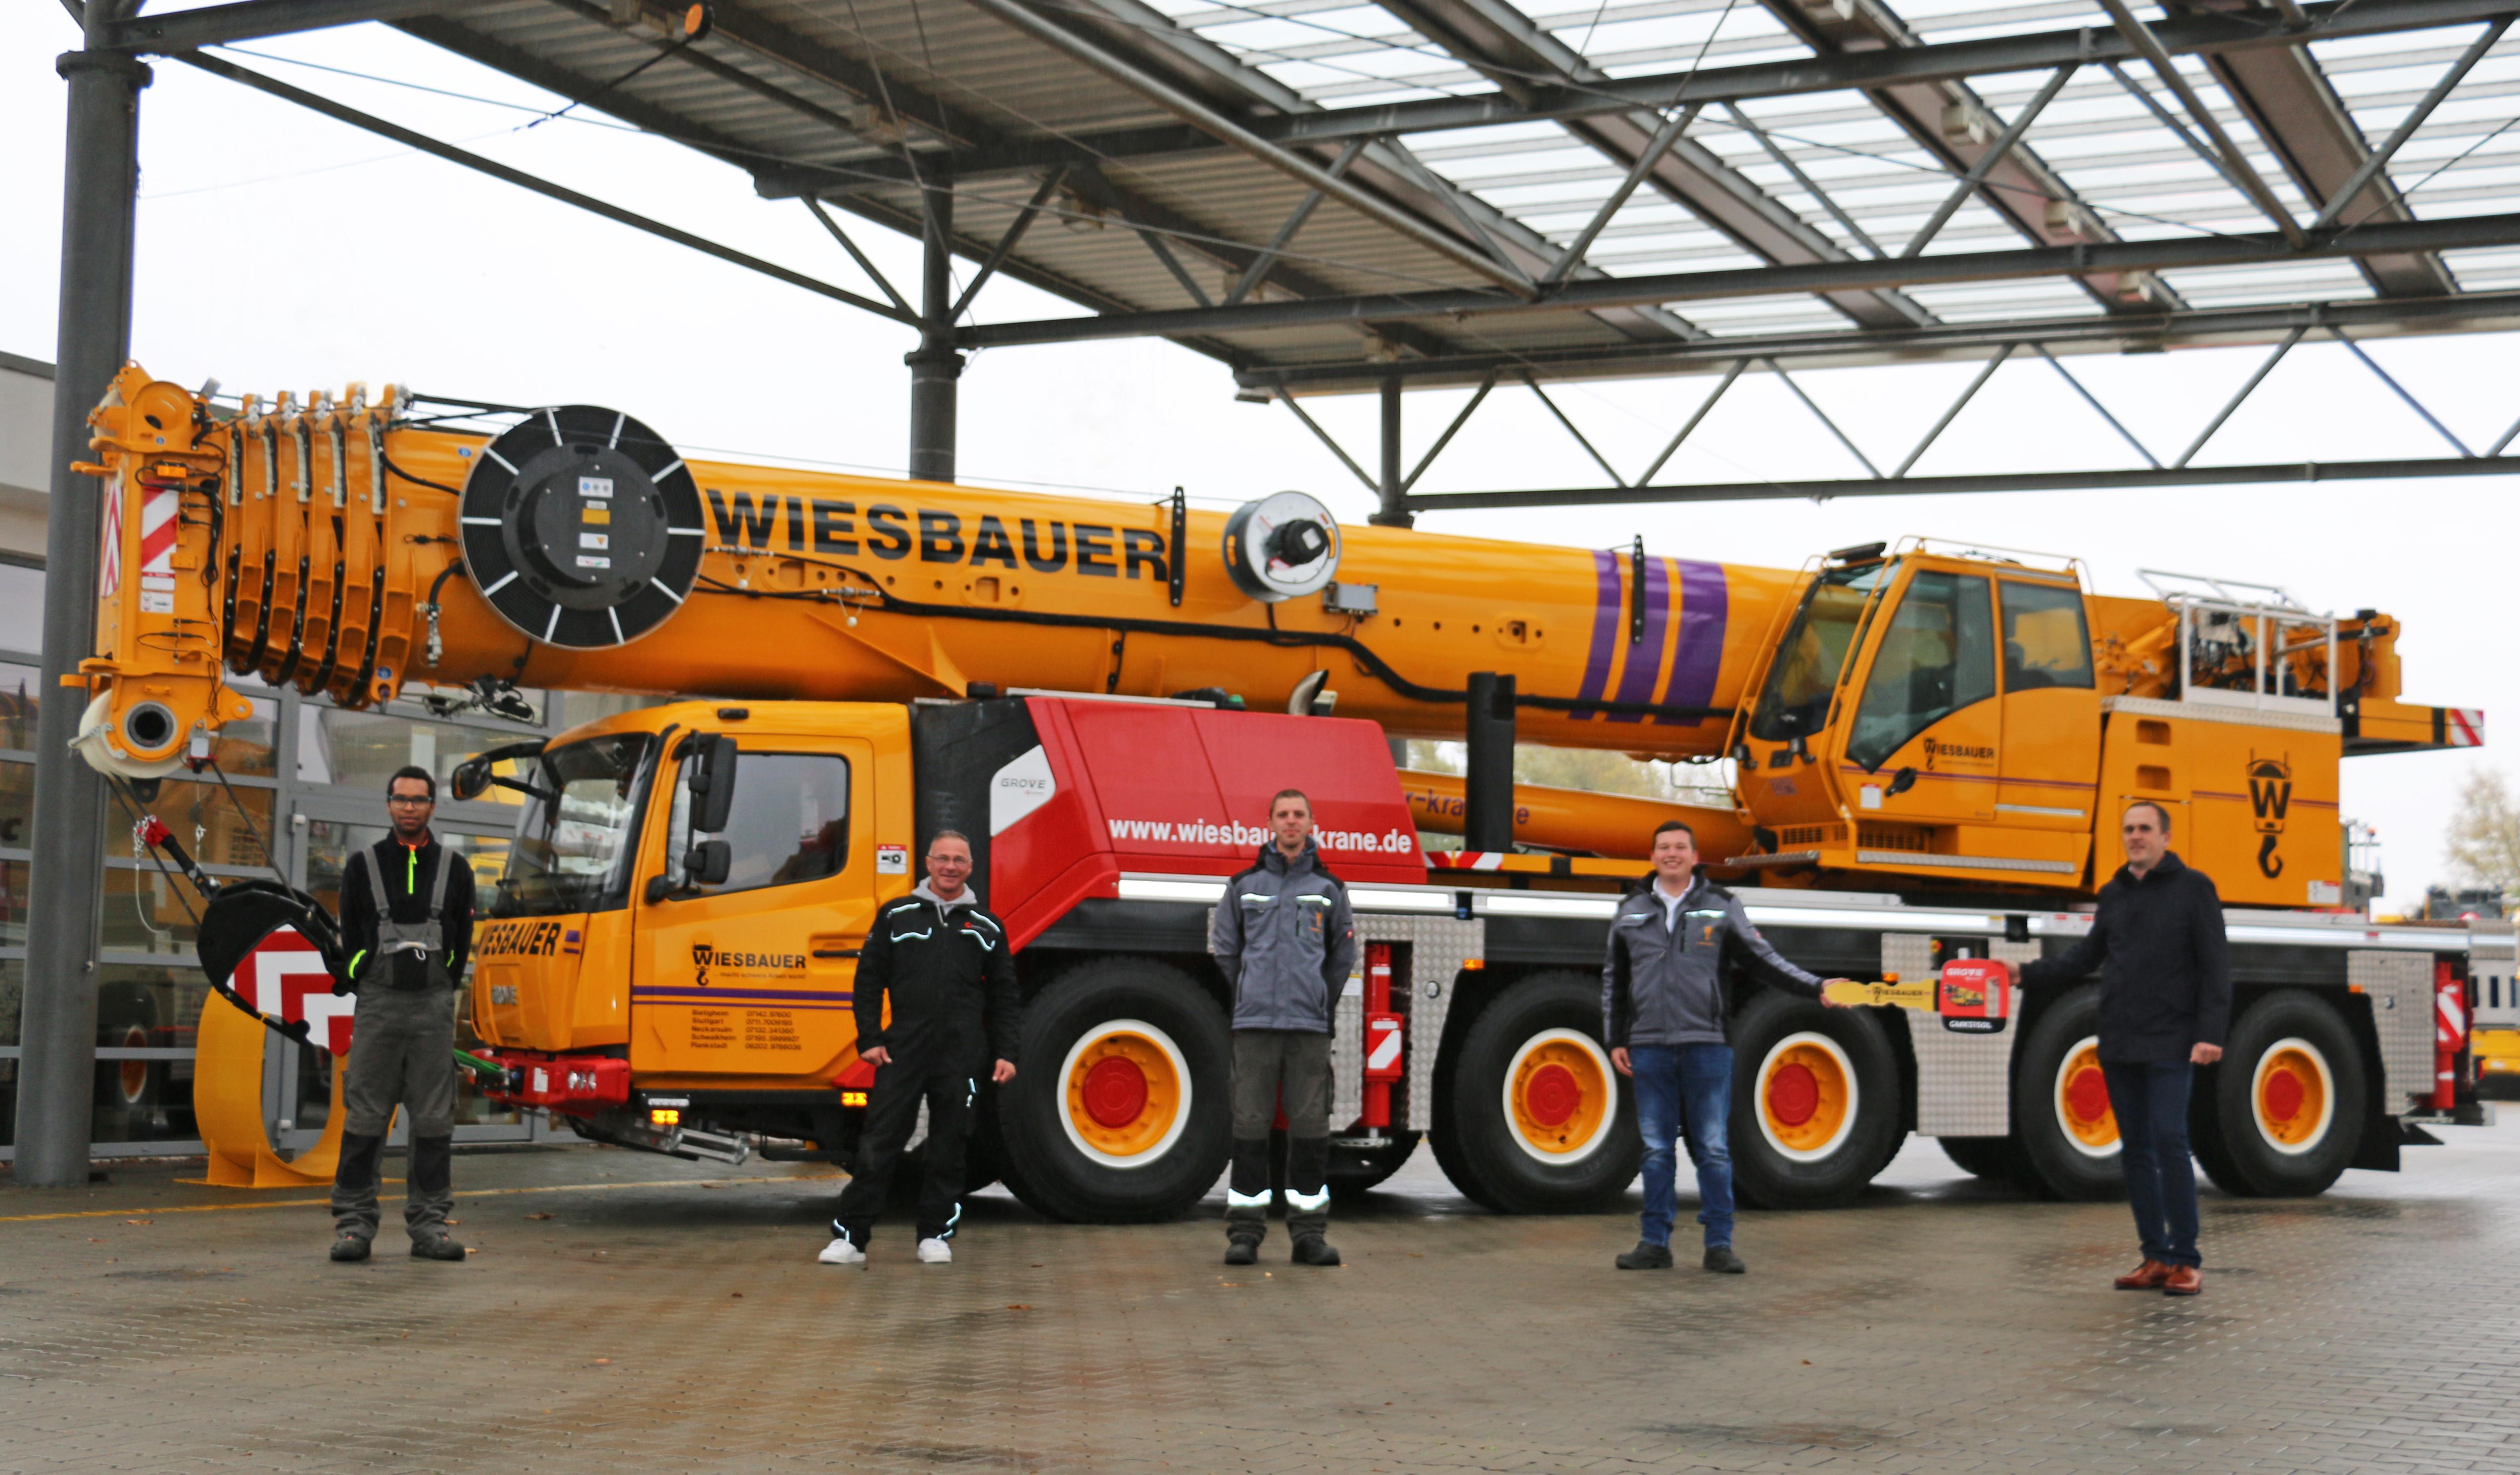 (v.r.n.l.) Lukas Brämer (Außendienstmitarbeiter KranAgentur Werner), Felix Wiesbauer sowie die Wiesbauer-Kranfahrer Ralf Hoffmann, Samuele Polidori und Jannik Weigle freuen sich über die Übergabe des neuen GMK5150L.